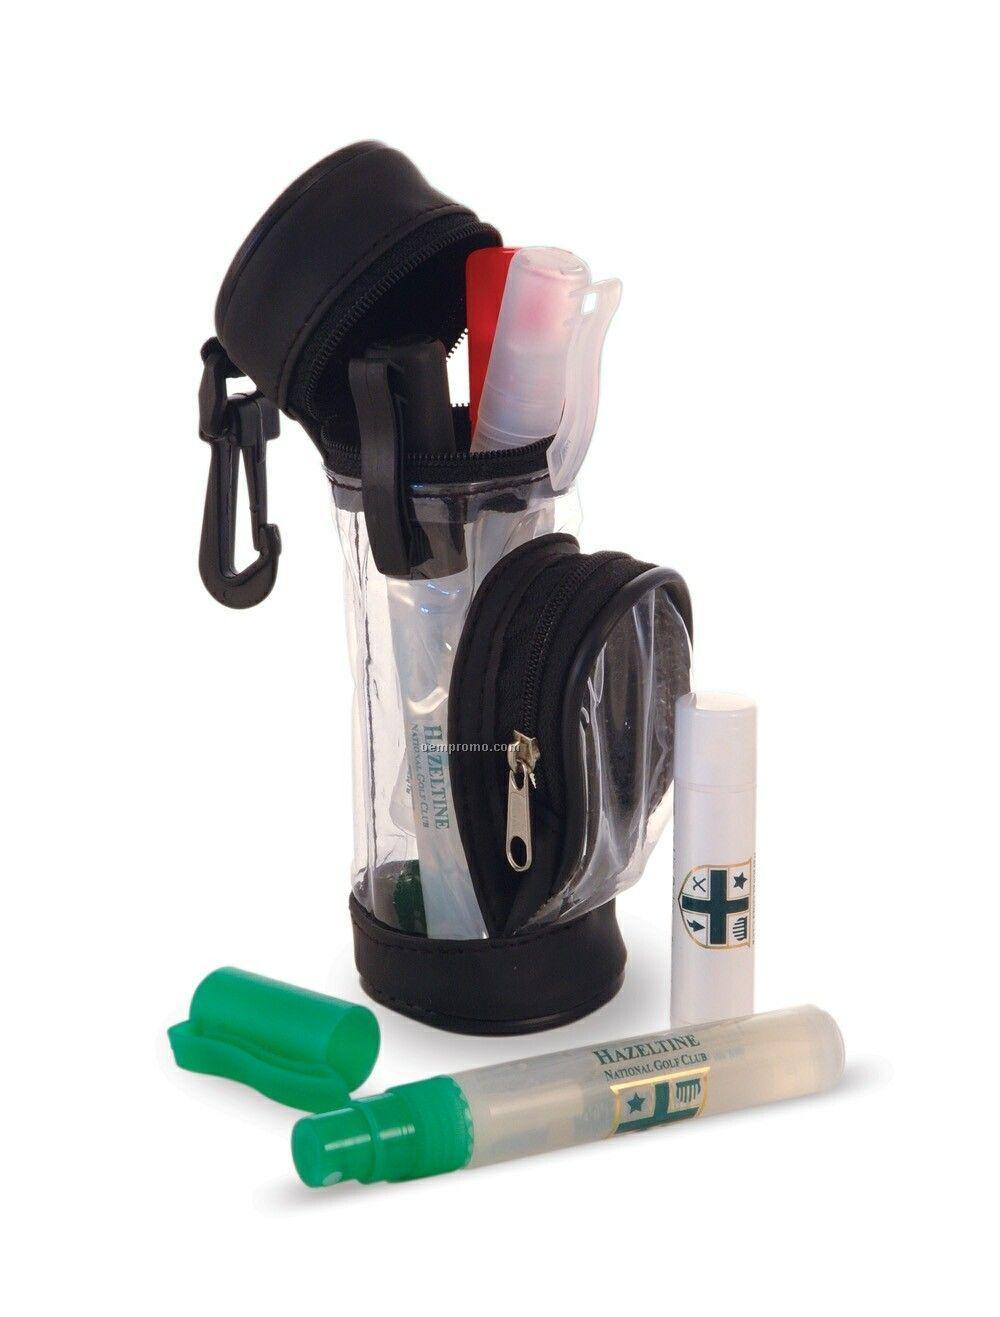 5 Pack Golfer's Caddy Kit W/ 0.25 Oz. Pocket Sprayers & Lip Balm